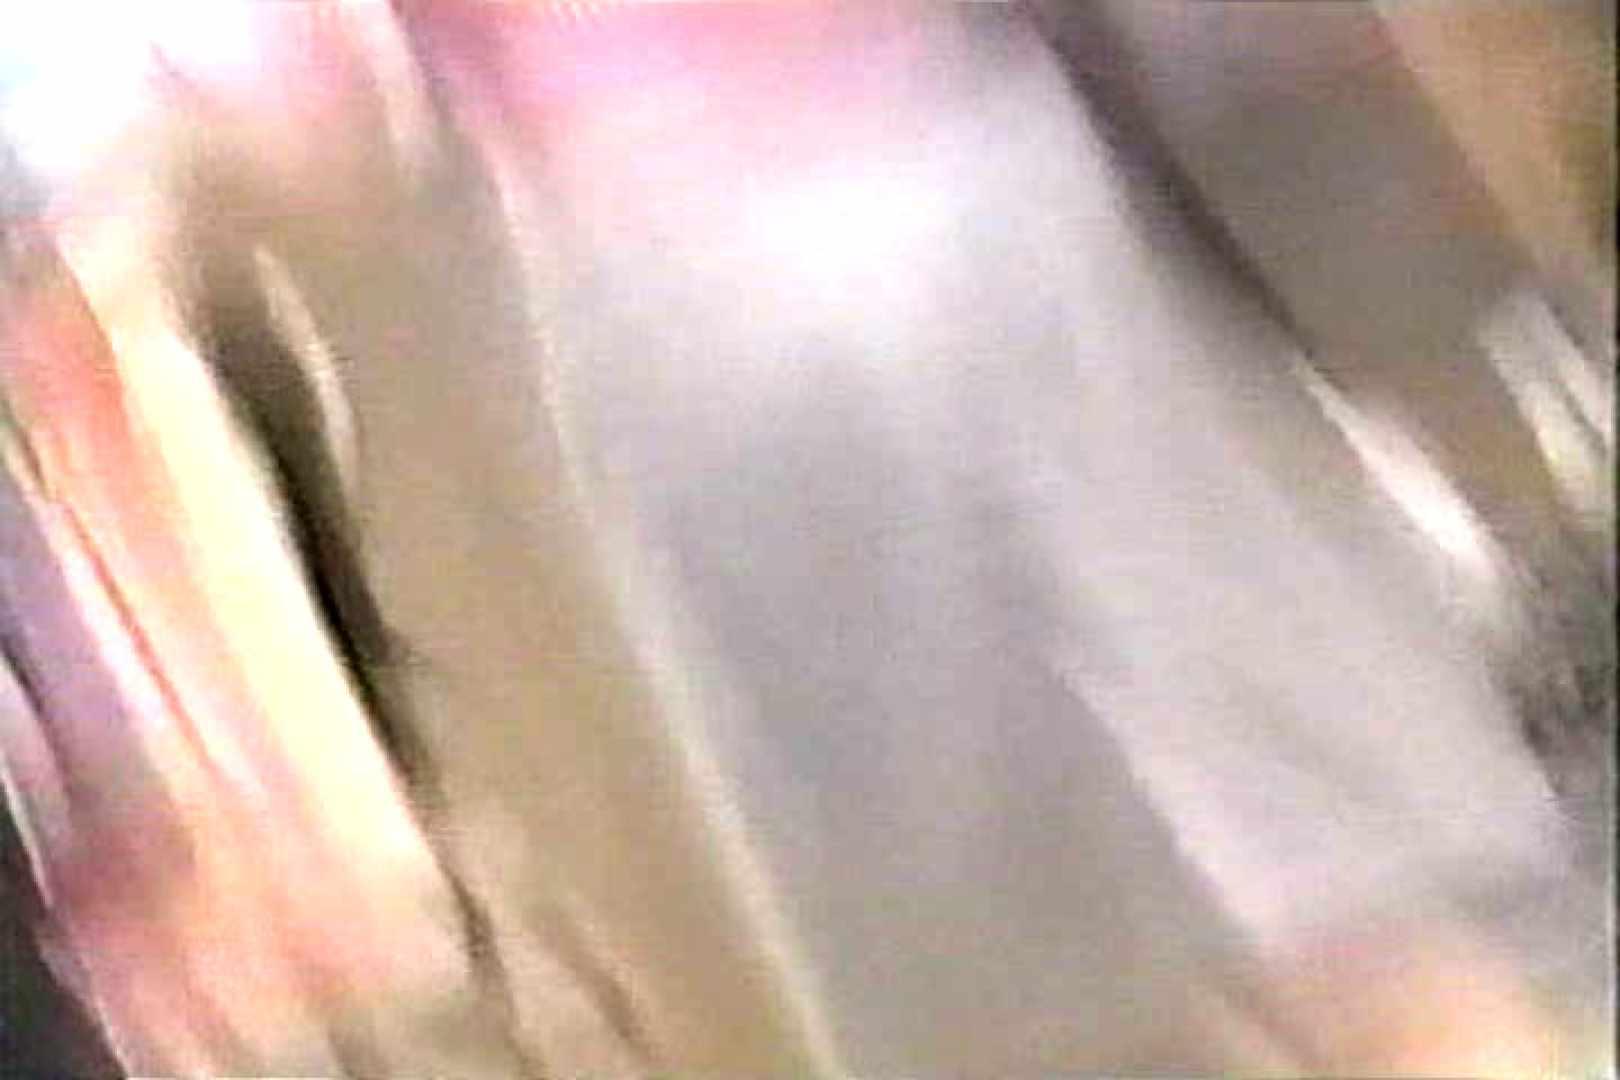 「ちくりん」さんのオリジナル未編集パンチラVol.1_01 パンチラ | OLエロ画像  23PICs 17